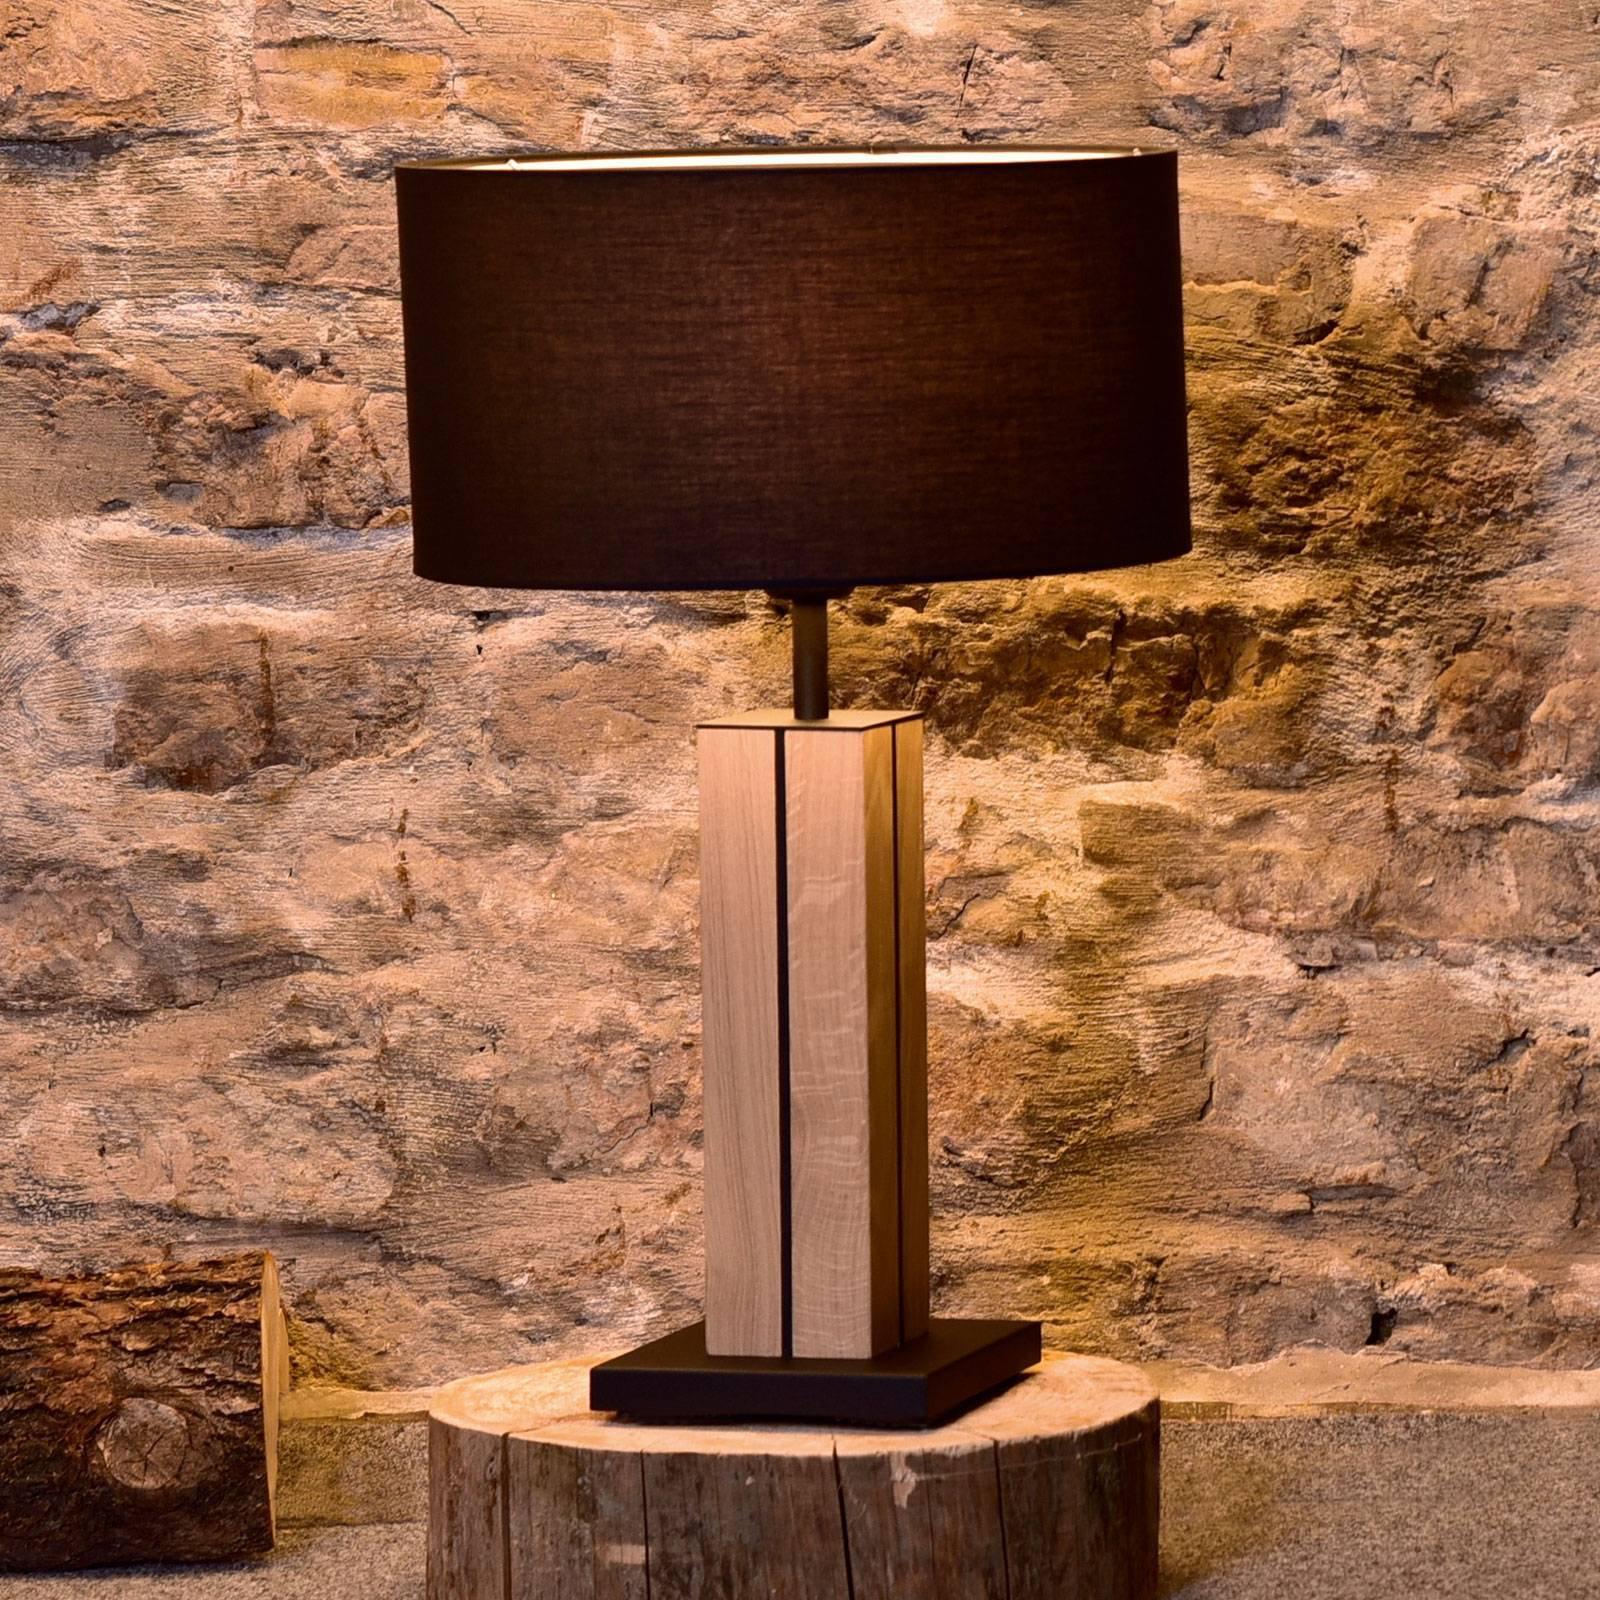 HerzBlut Dana bordlampe, eik natur, svart, 56 cm